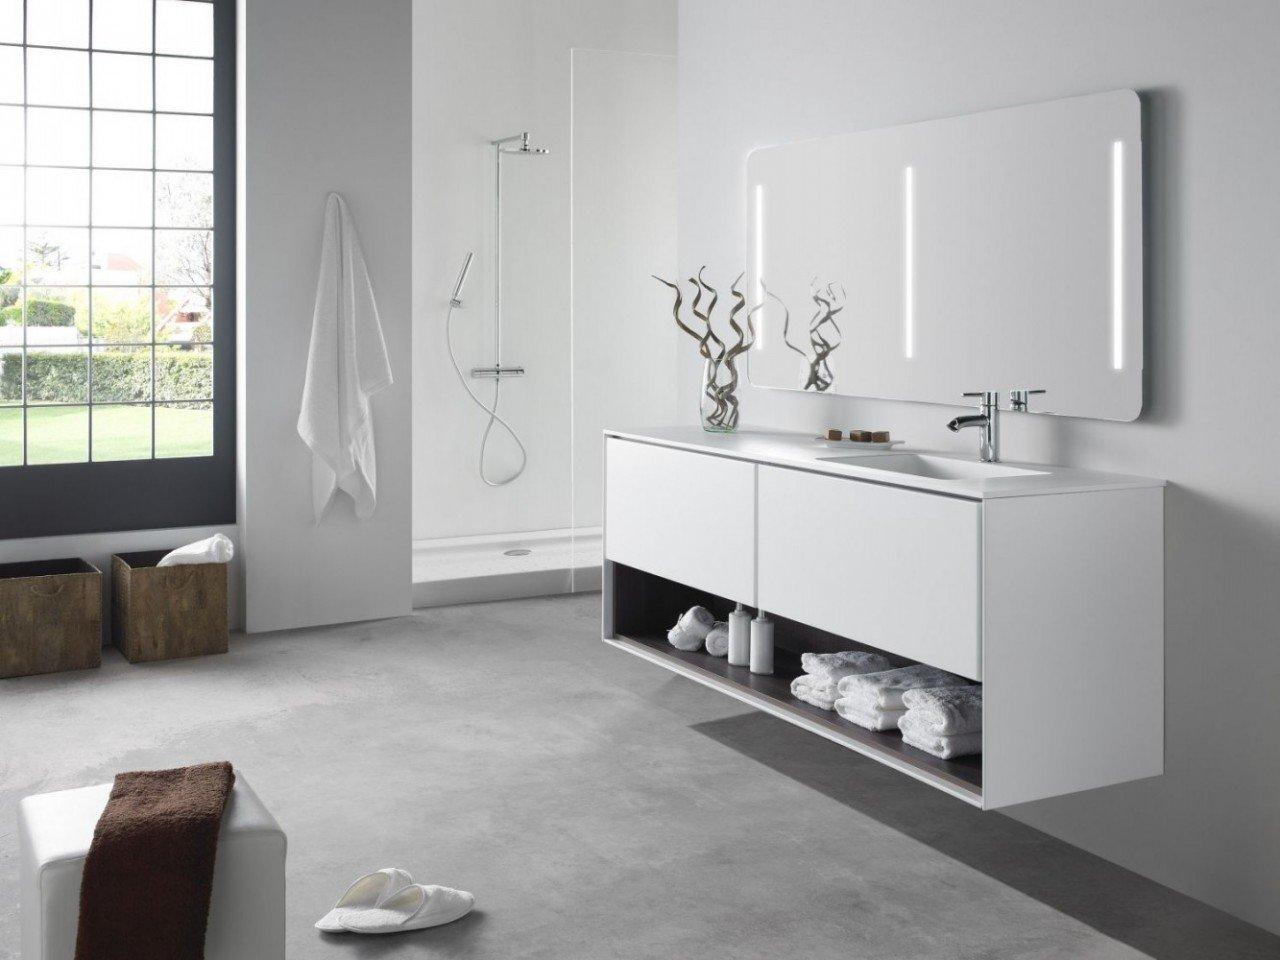 Gama de lavabos Solid Surface de Ikebe :: Ikebe, fabrica de muebles de baño a medida, lavabos solid surface, lavabos resina, lavabos corian y complementos para el baño.